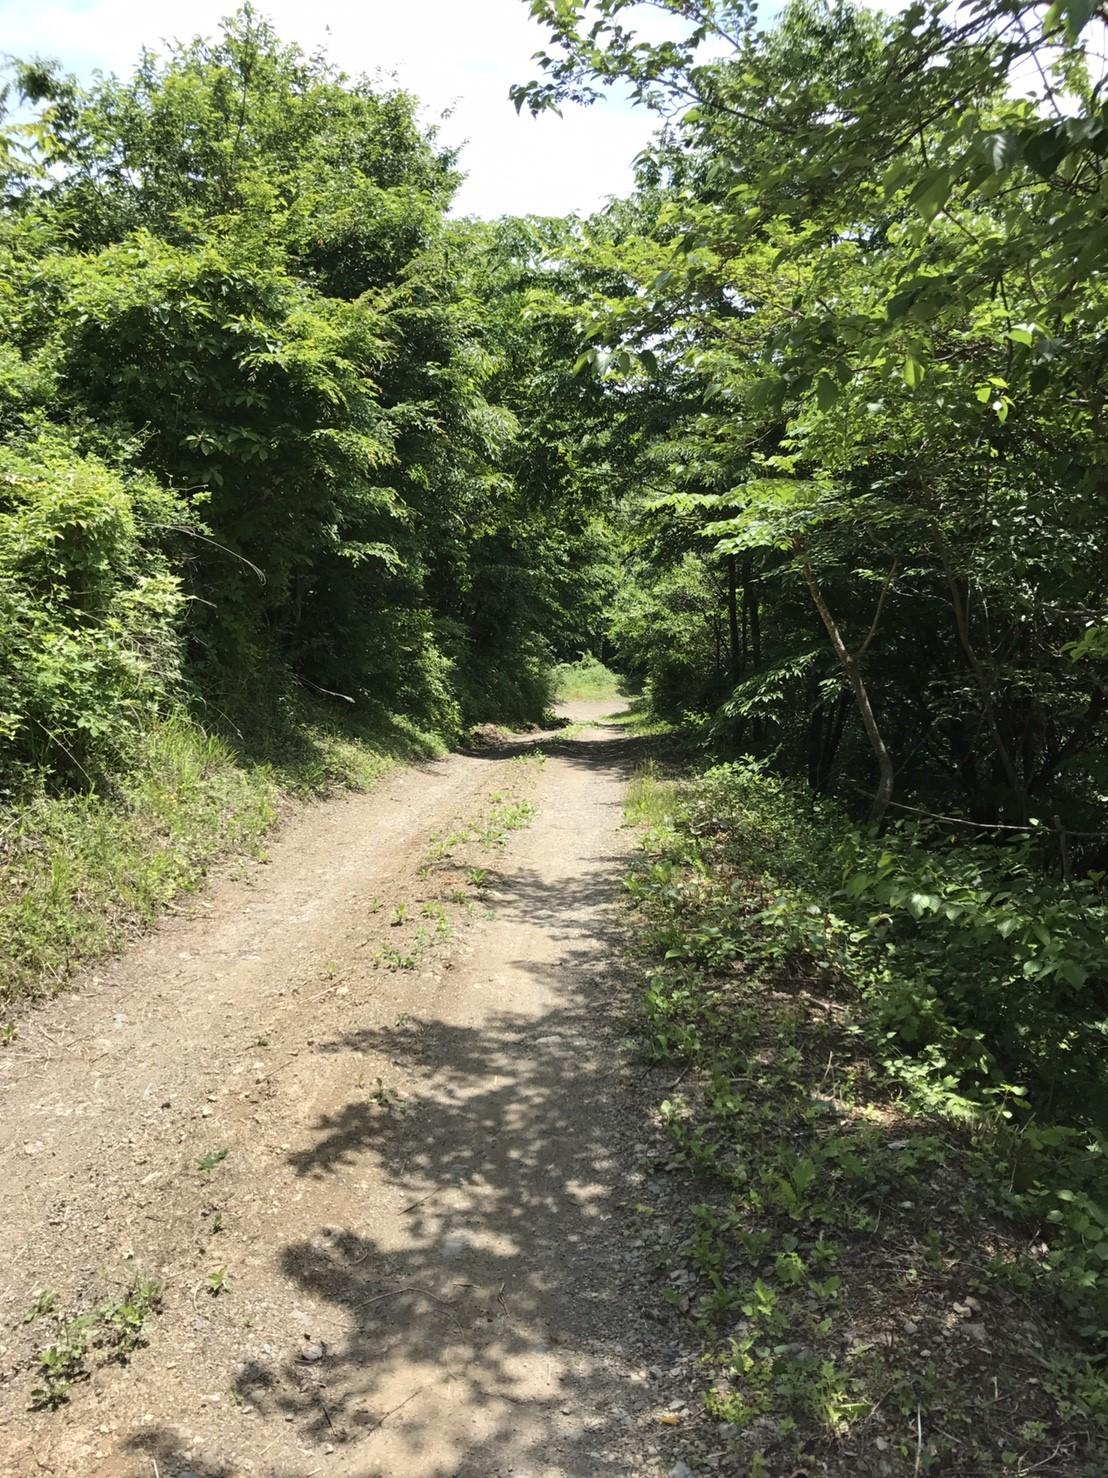 d0d6be1647c17b21f7c6159def9b47d2 - DASHA村の様なプロジェクト(群馬県神流町農場)